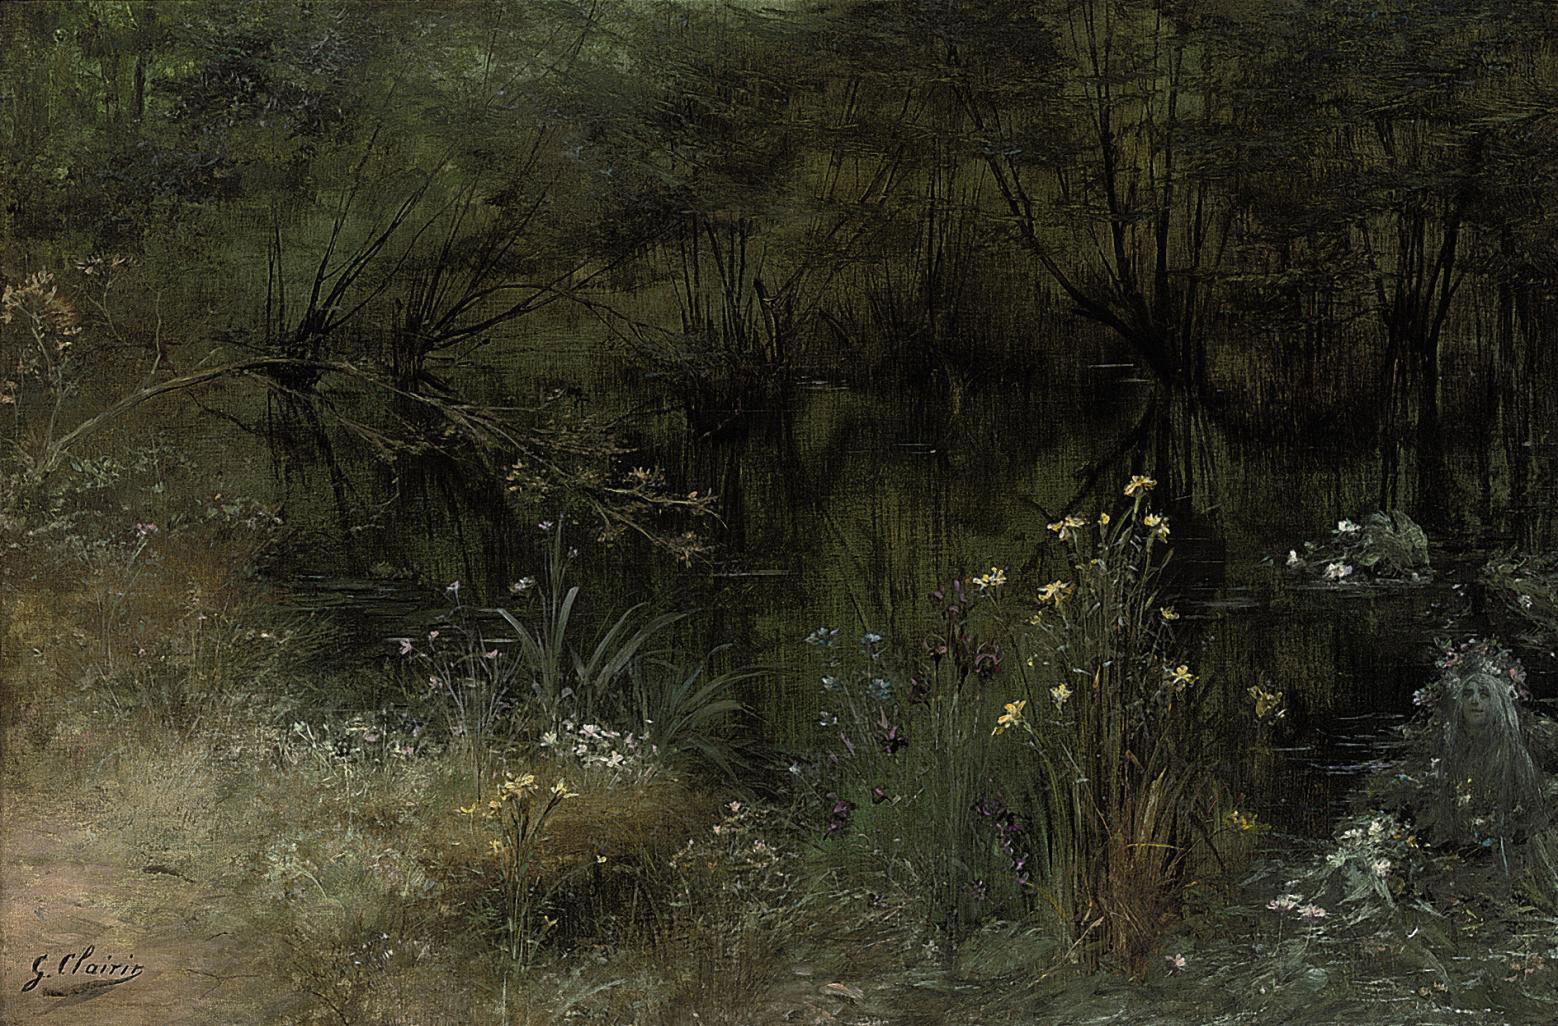 A Lake with Naiads